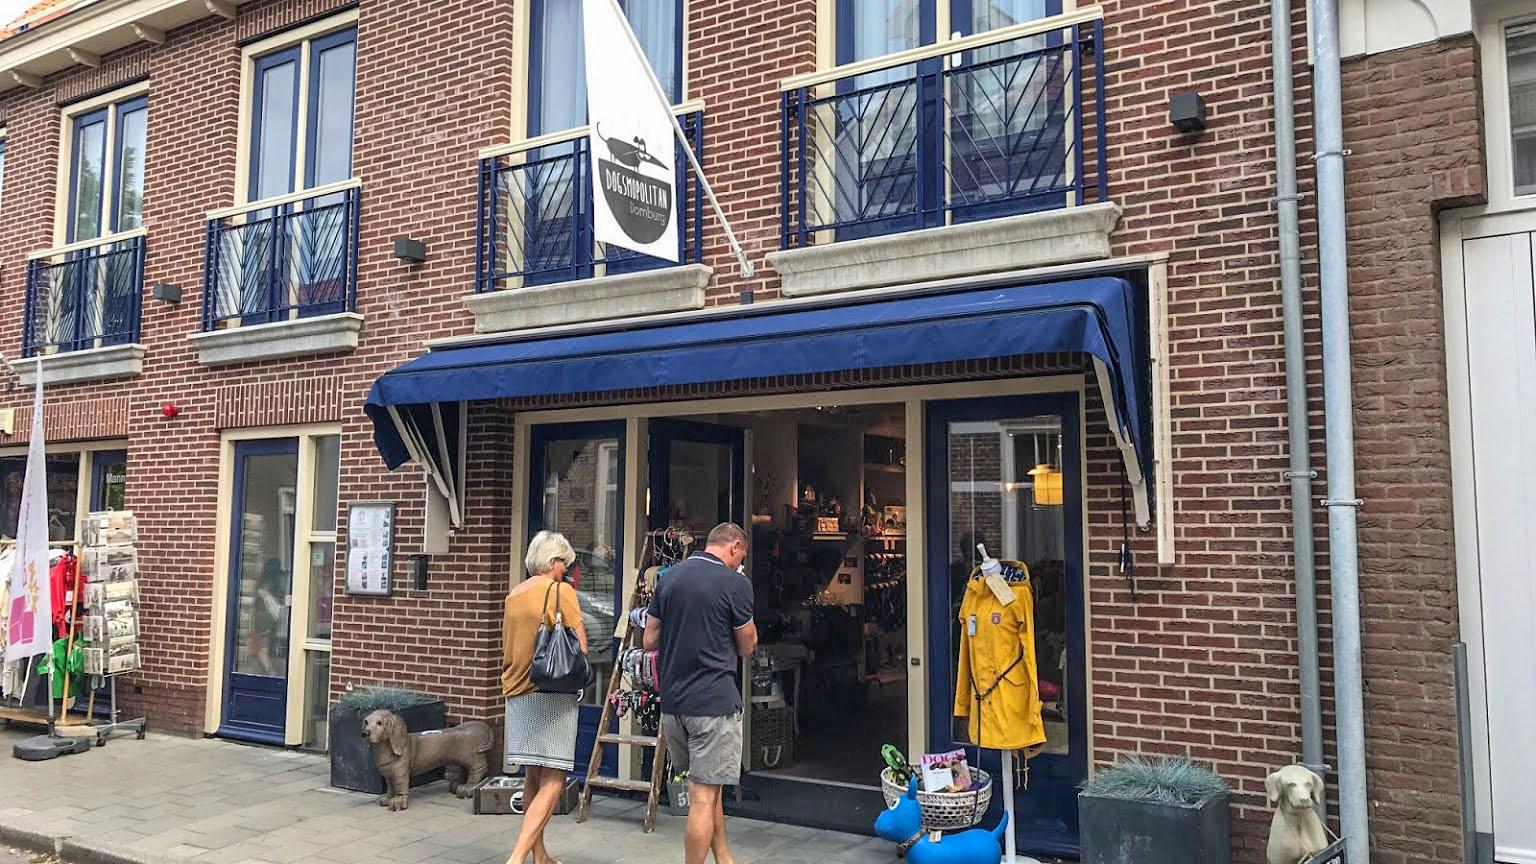 Dogmopolitan Domburg VisitDomburg - foto van ingang van de winkel